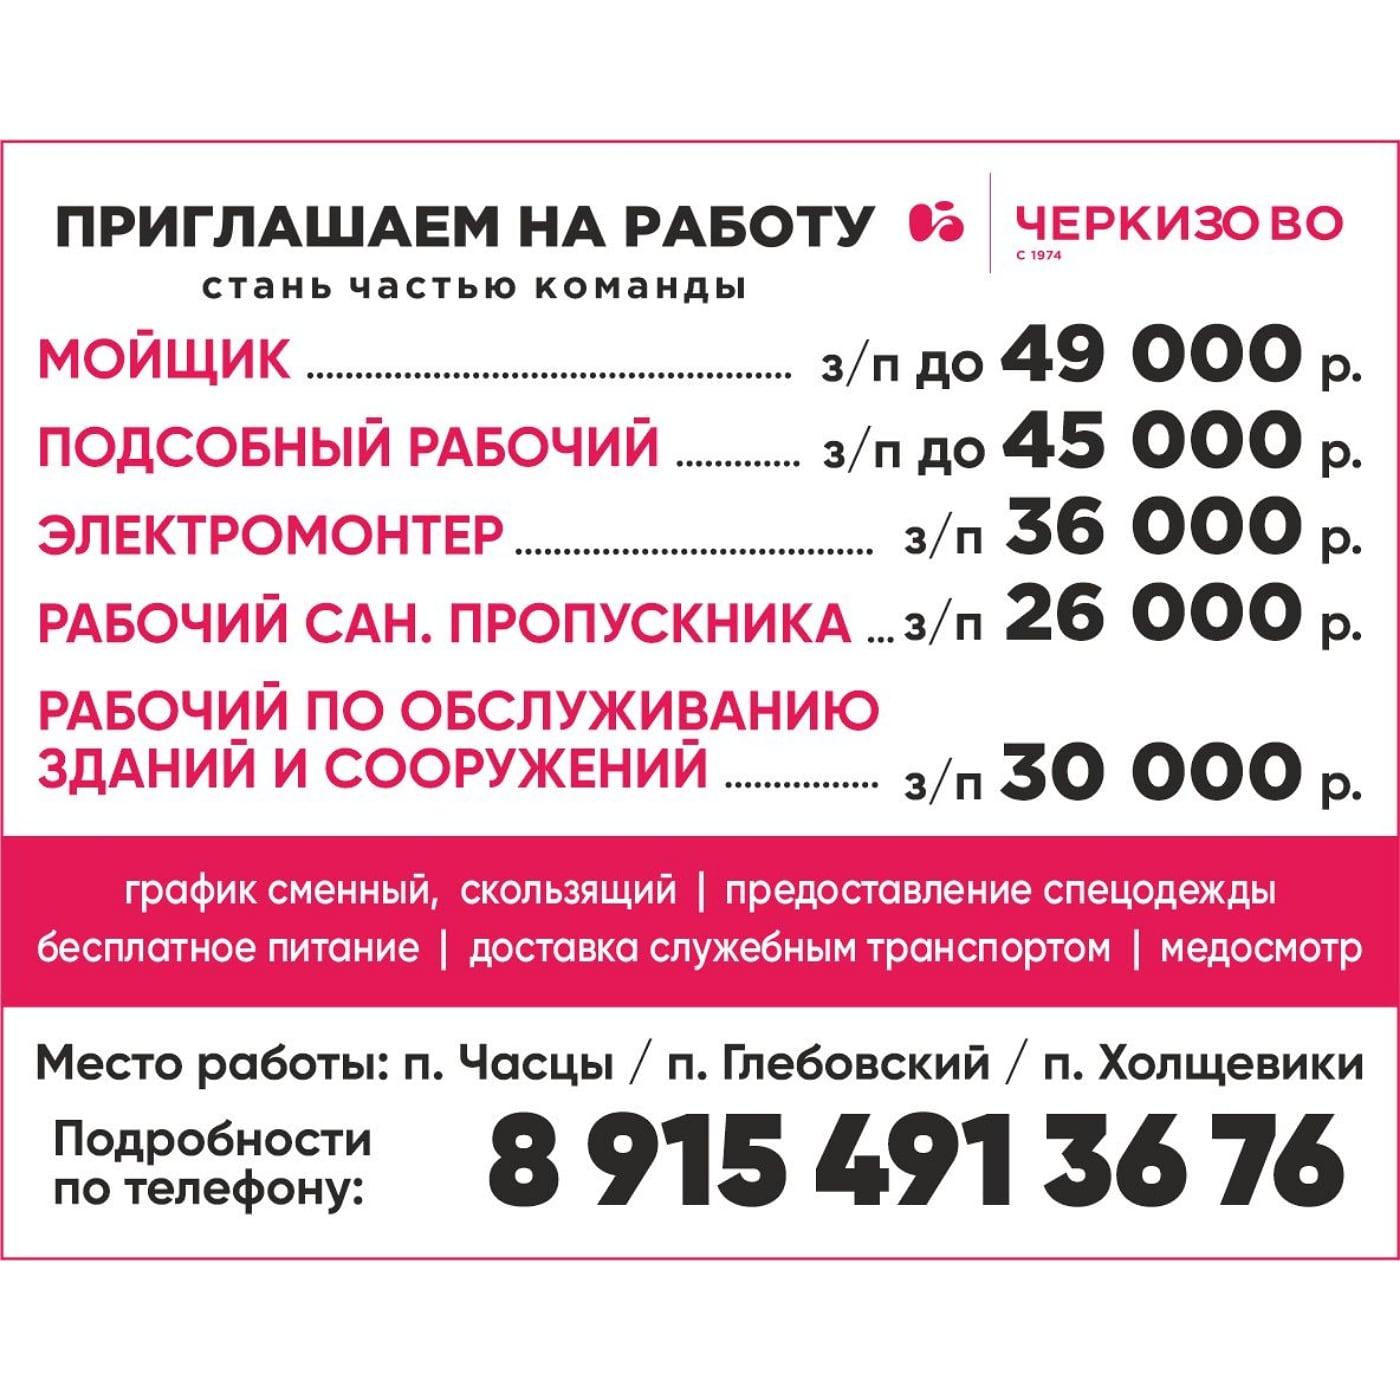 MG_20210526_233606_105.jpg